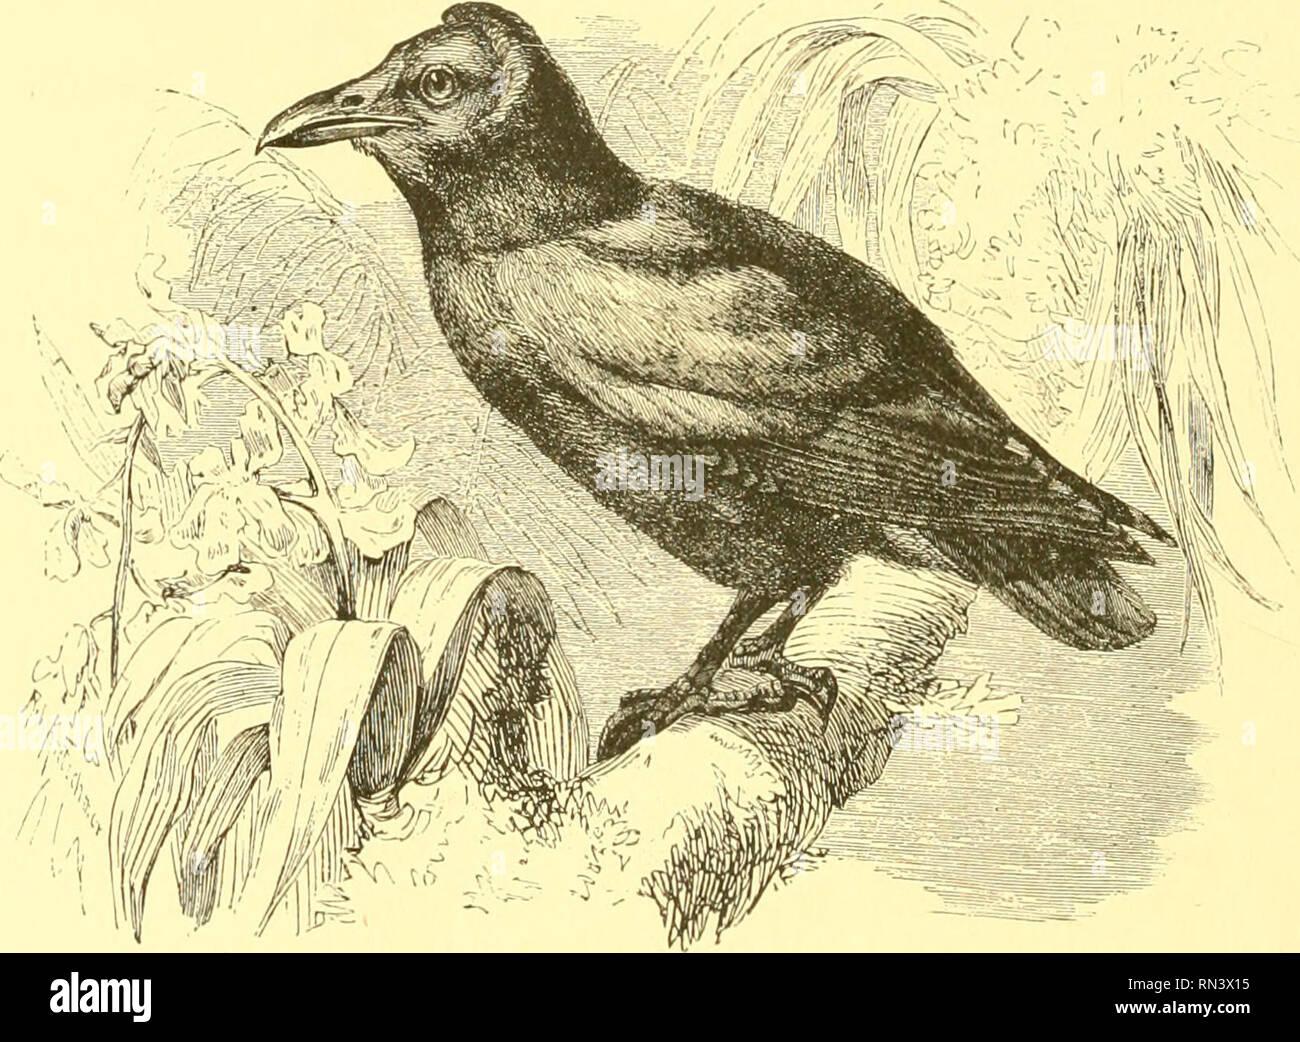 Animer La Creation Populaires Edition De Notre Monde Vivant Une Histoire Naturelle Zoologie Zoologie 306 Les